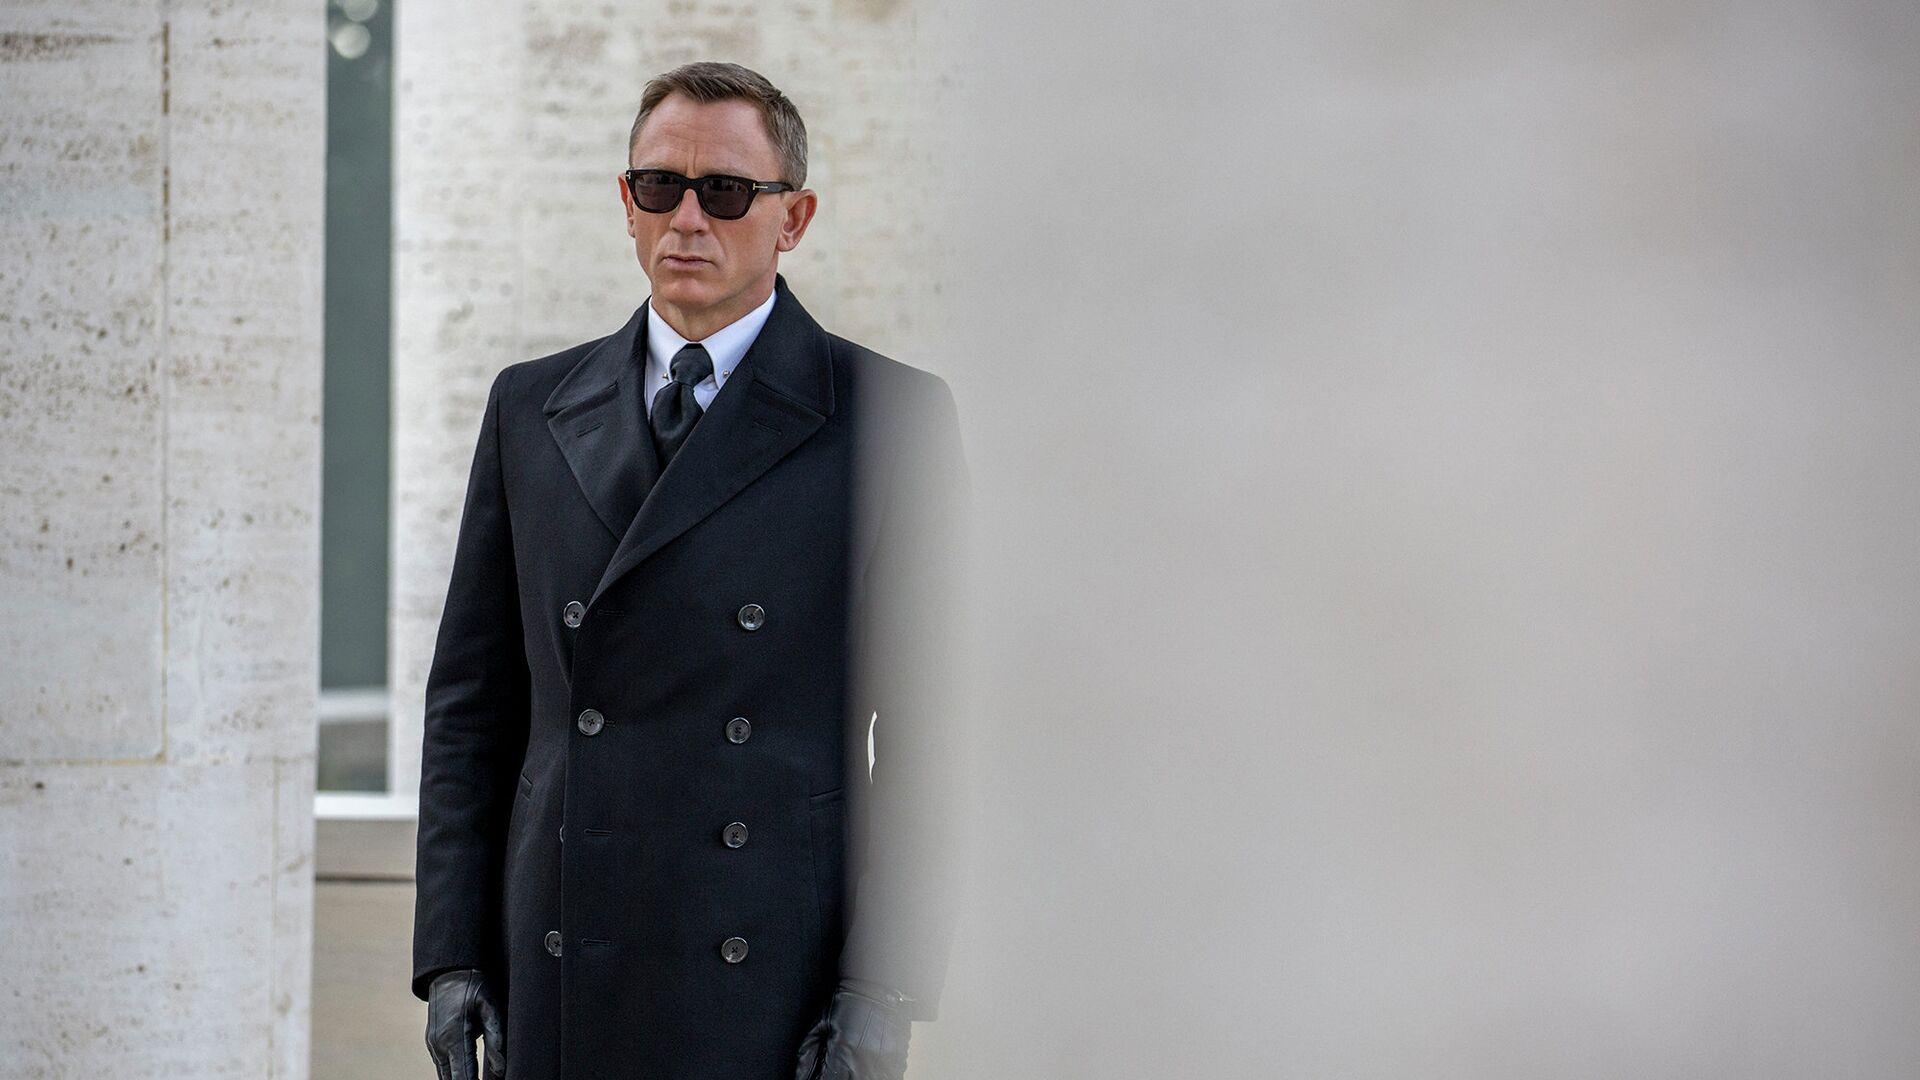 Кадр из фильма 007: Спектр - РИА Новости, 1920, 09.09.2021